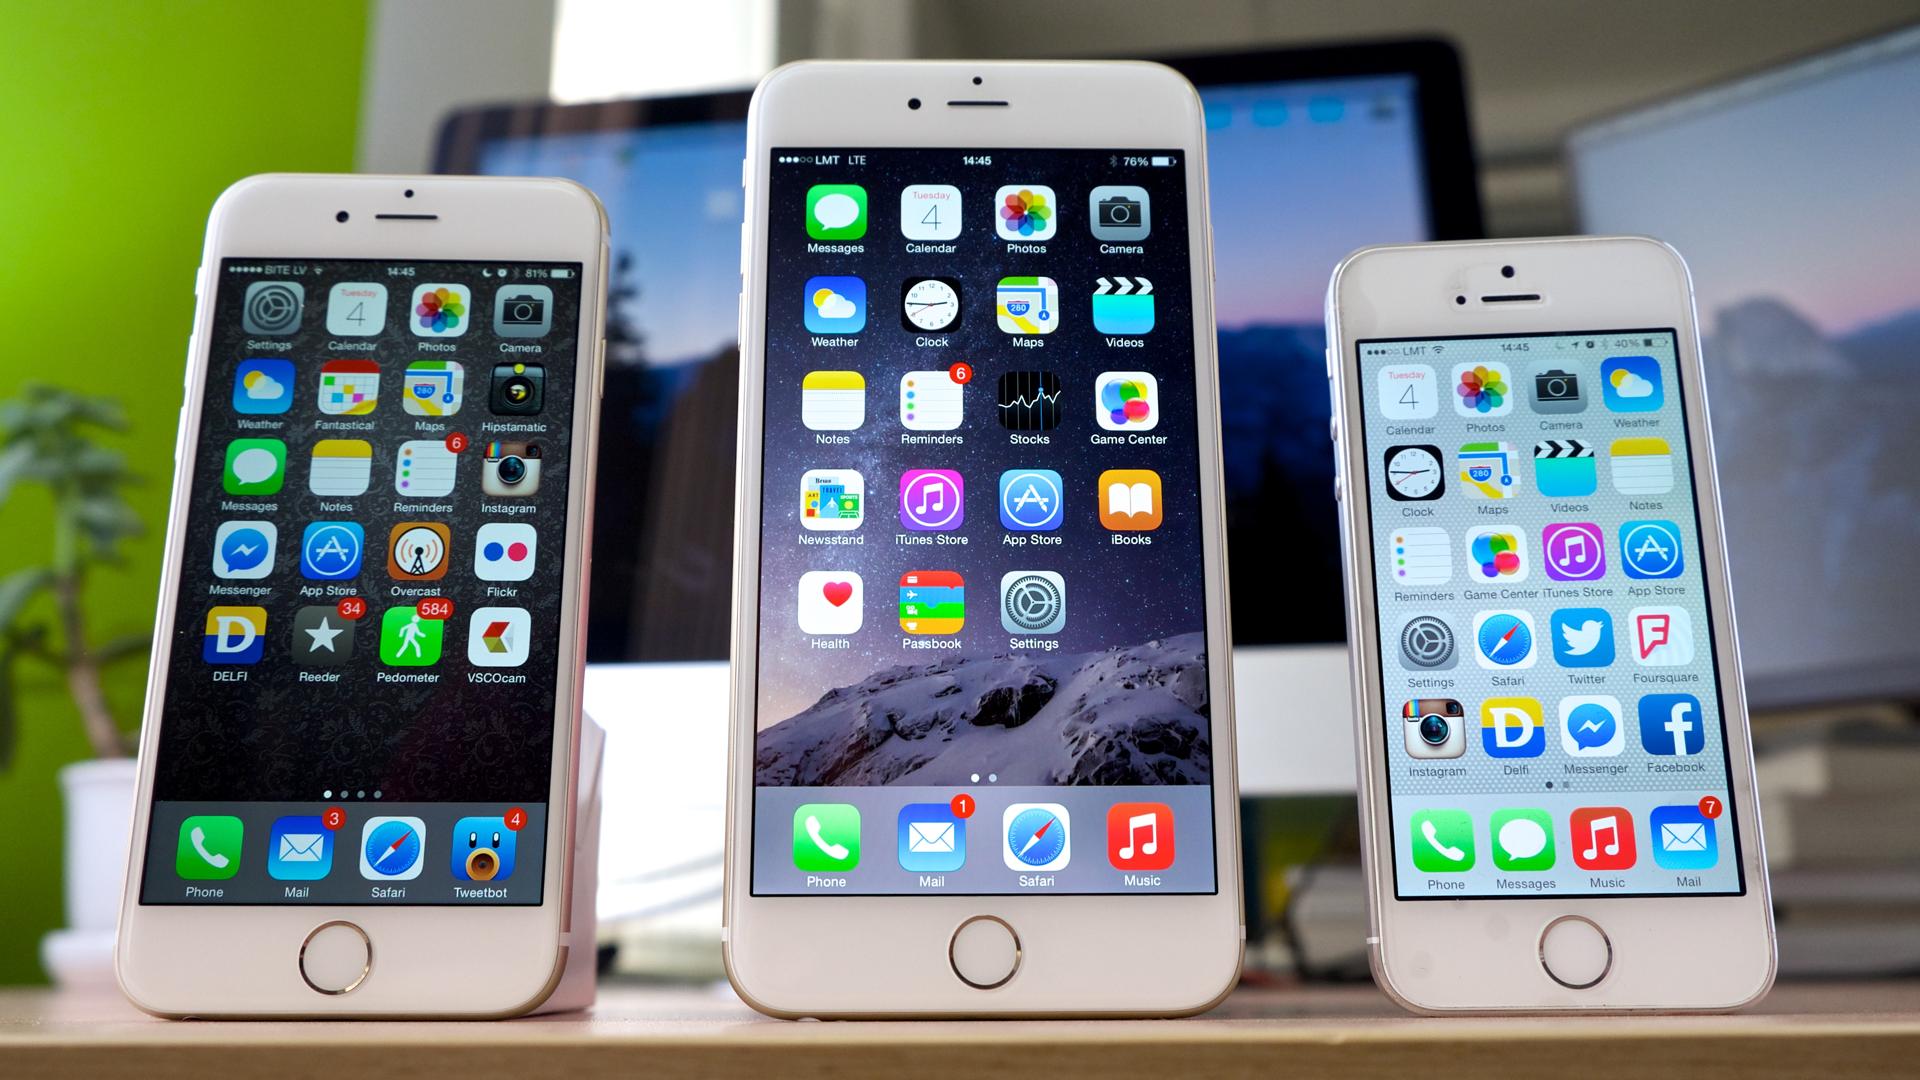 iPhone 6, iPhone 6 Plus, iPhone 5s-16x9